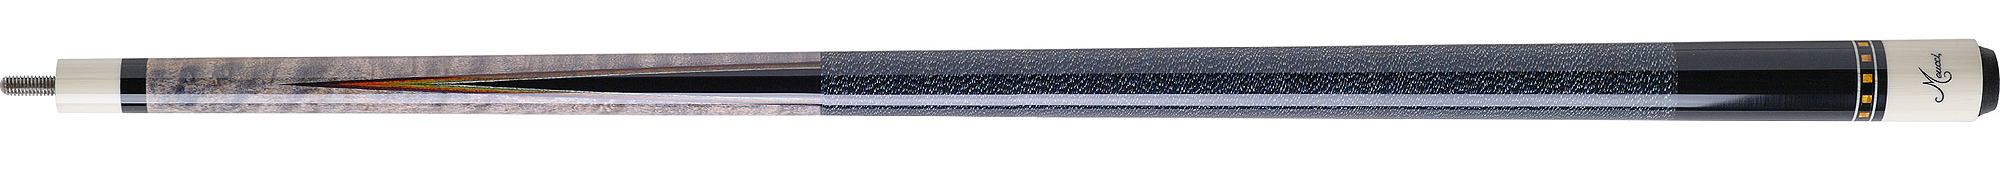 11355-meucci-econo-1-smoke-piljardikii